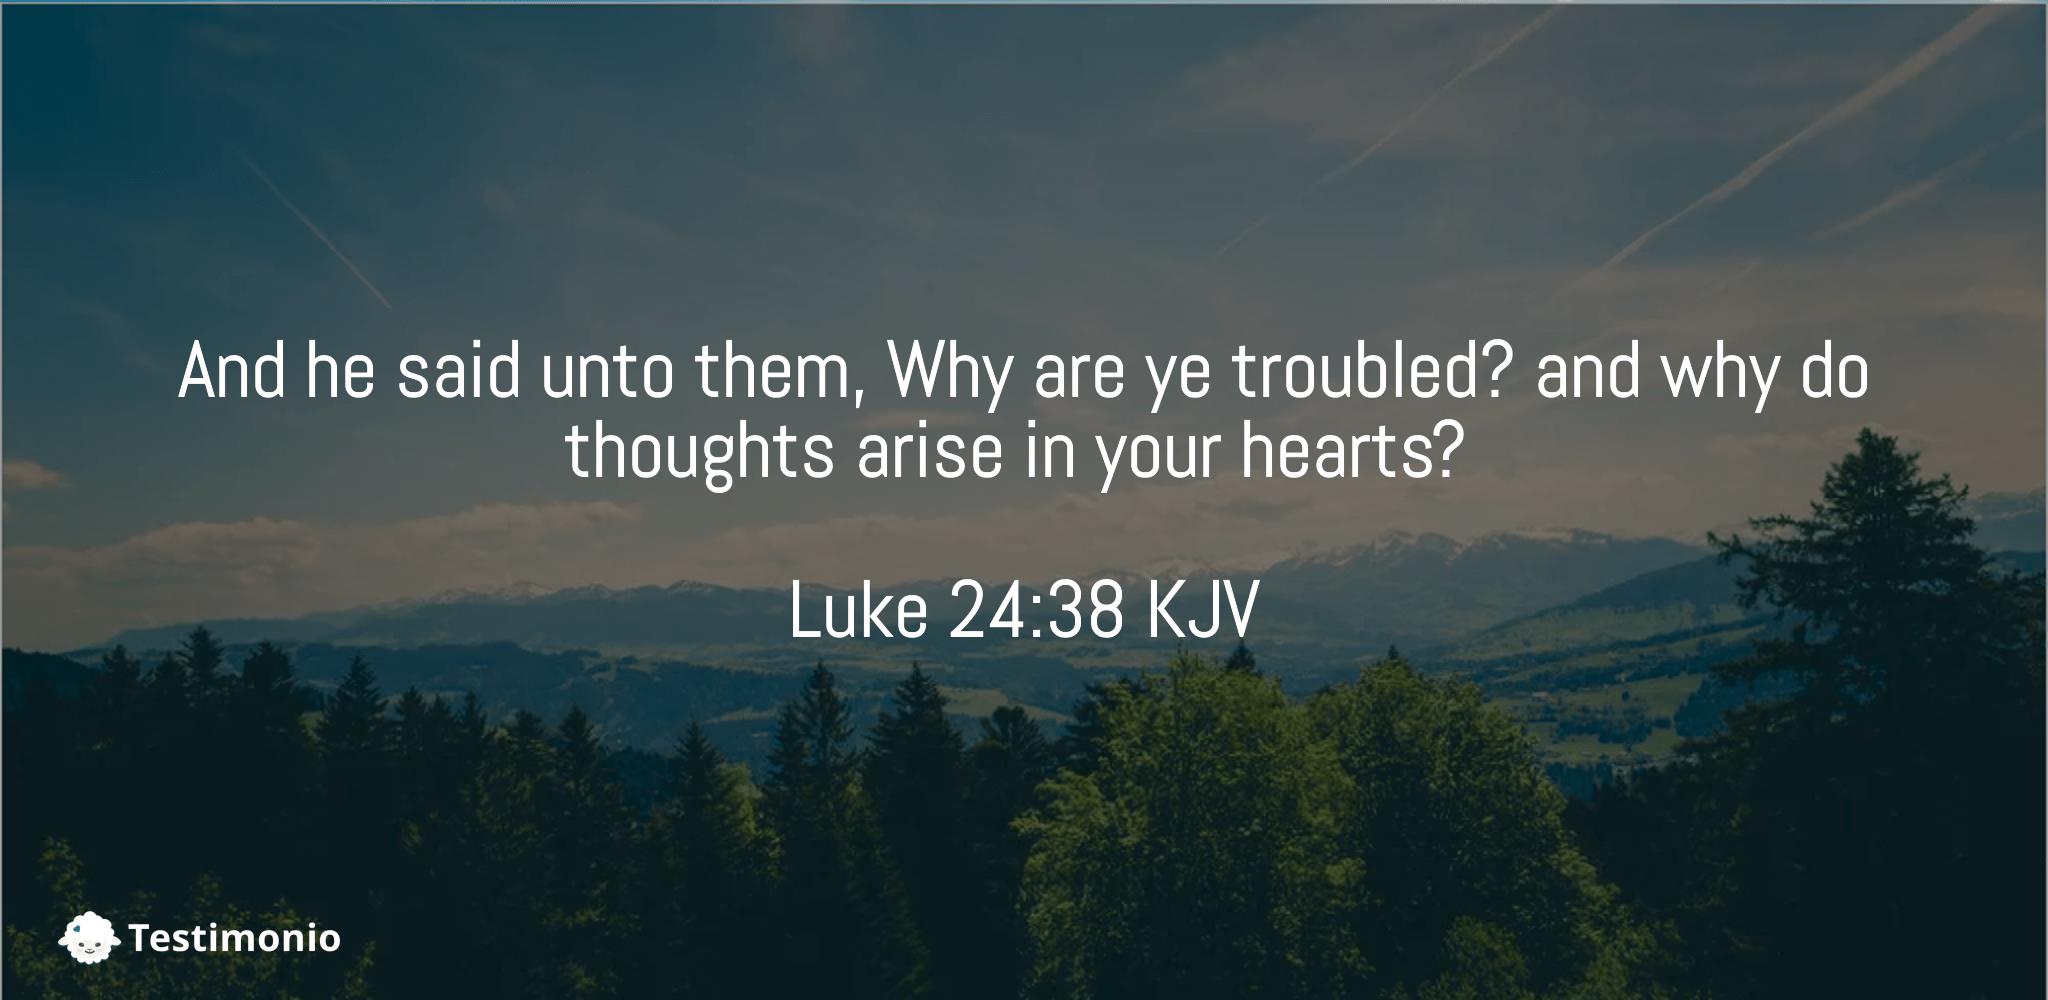 Luke 24:38